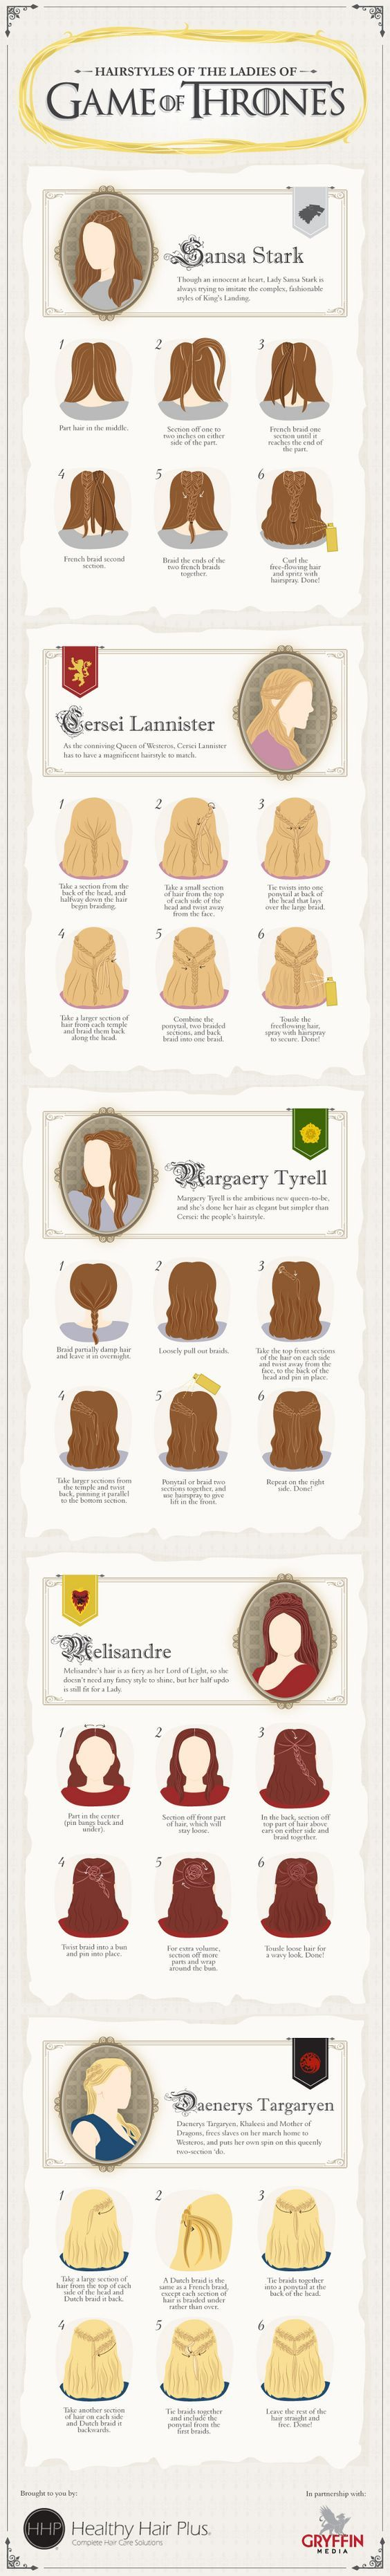 Die Frisuren der Frauen in Game of Thrones sind einfach stark! Und gar nicht so schwer - zumindest diese Versionen von Daenarys Targaryen, Sansa Stark, Margaery Tyrell, Melisandre und Cersei Lannister. | Stylefeed